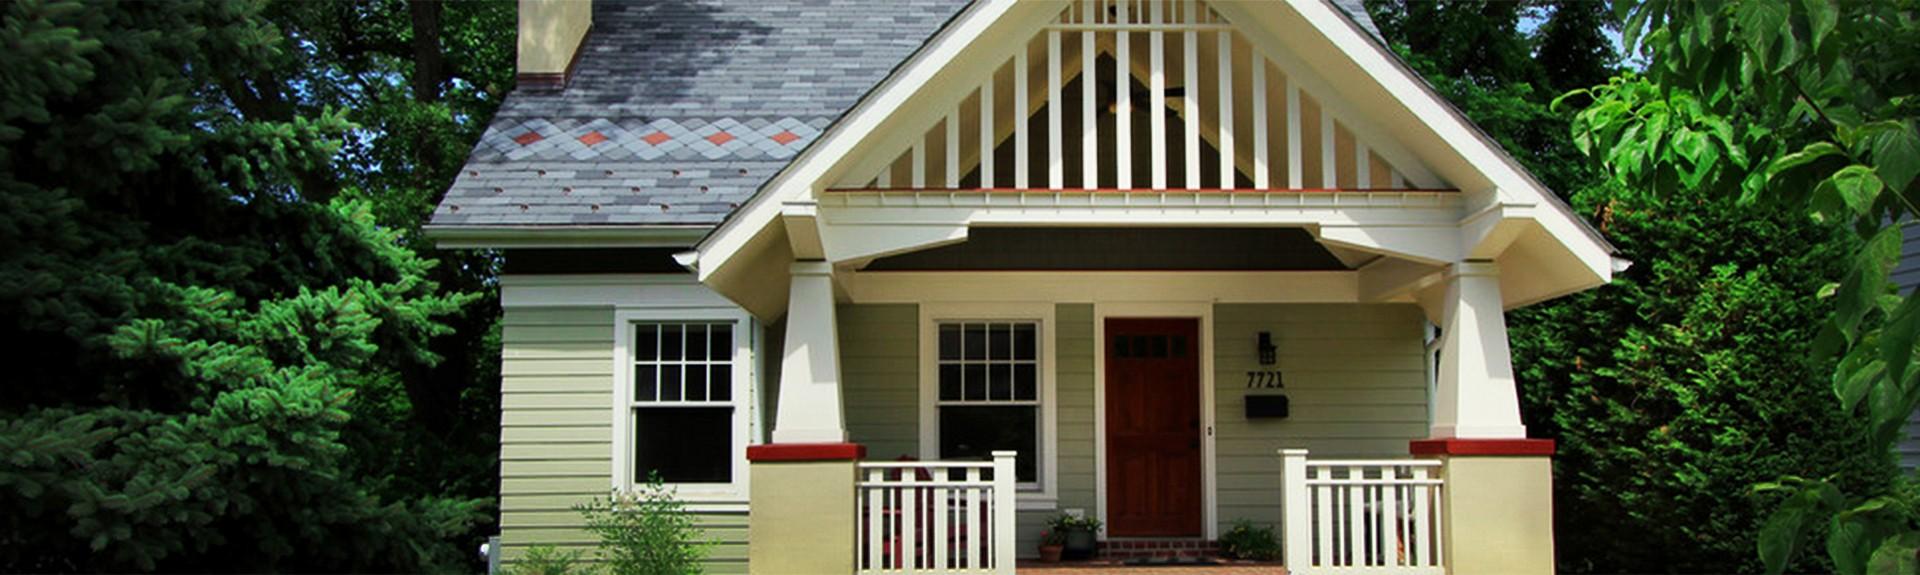 Exterior Home 8